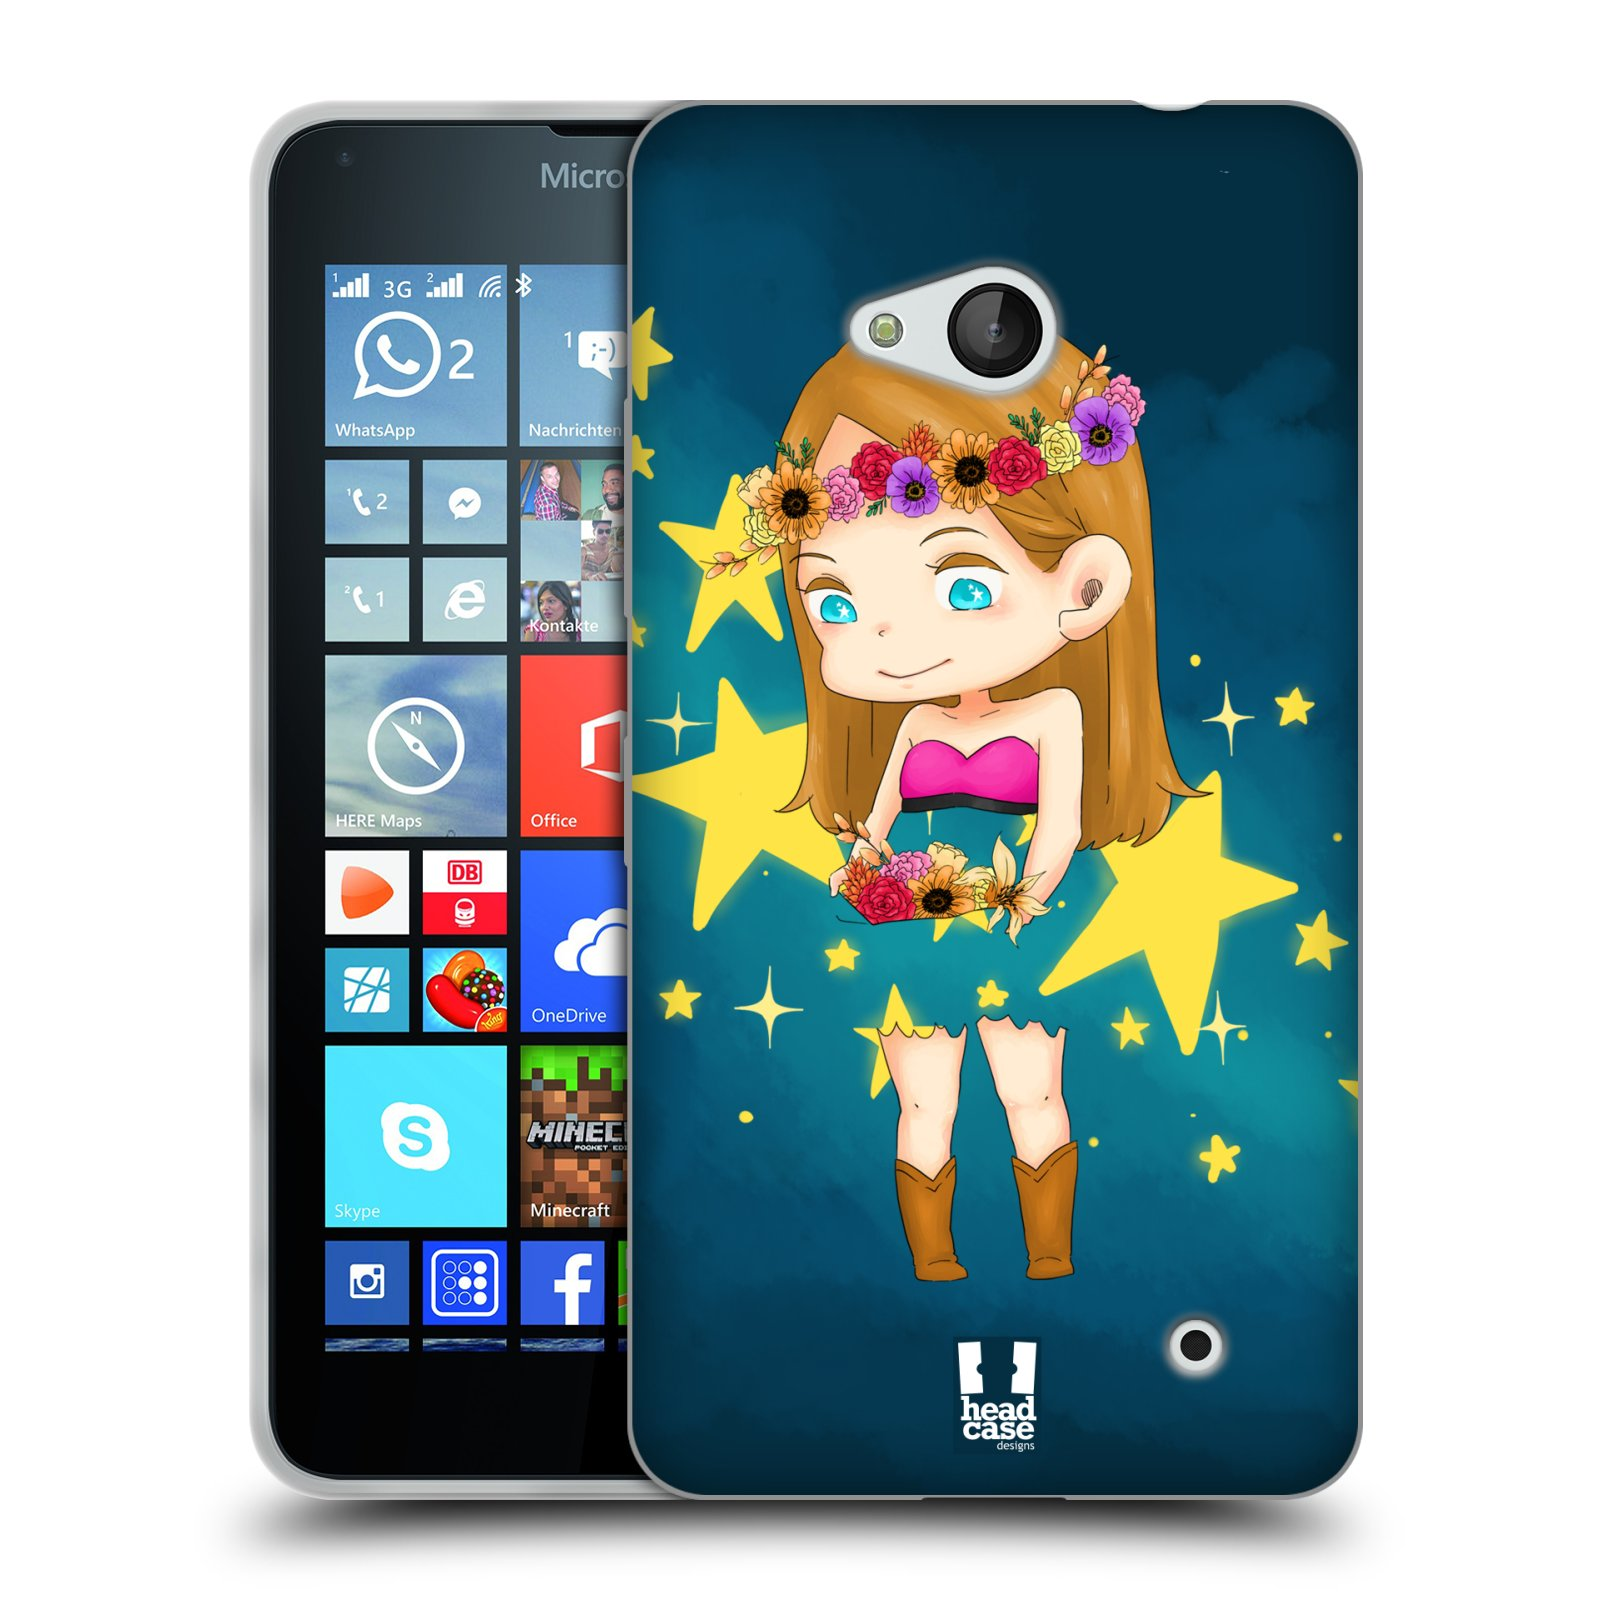 HEAD CASE silikonový obal na mobil Microsoft / Nokia Lumia 640 / Lumia 640 DUAL vzor Kreslené postavičky vesmír zmizení HVĚZDA